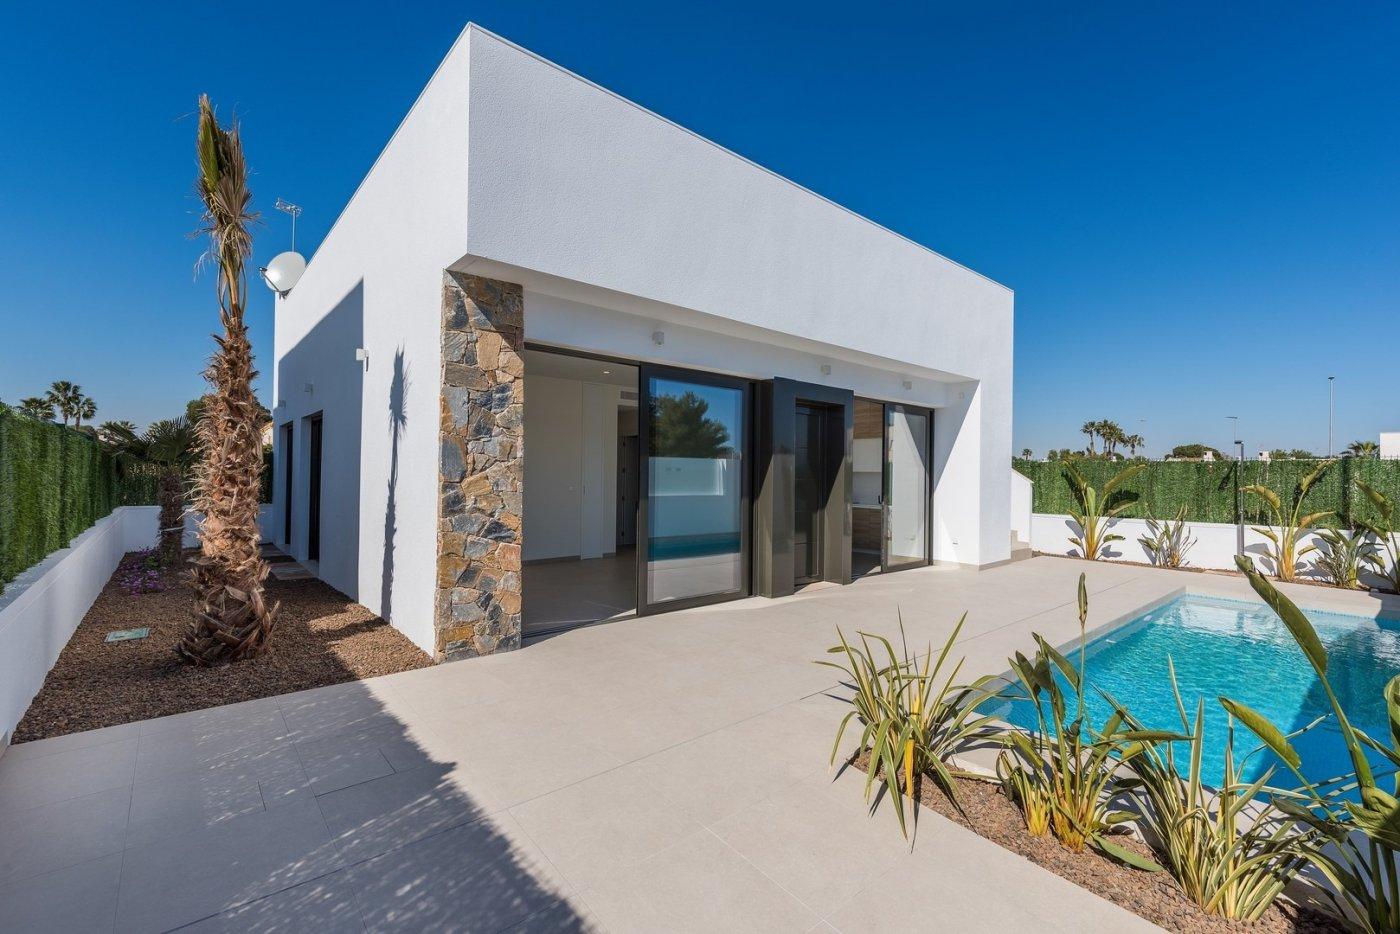 Villas nuevas con piscina privada y solarium a 700m de la playa !!! - imagenInmueble0